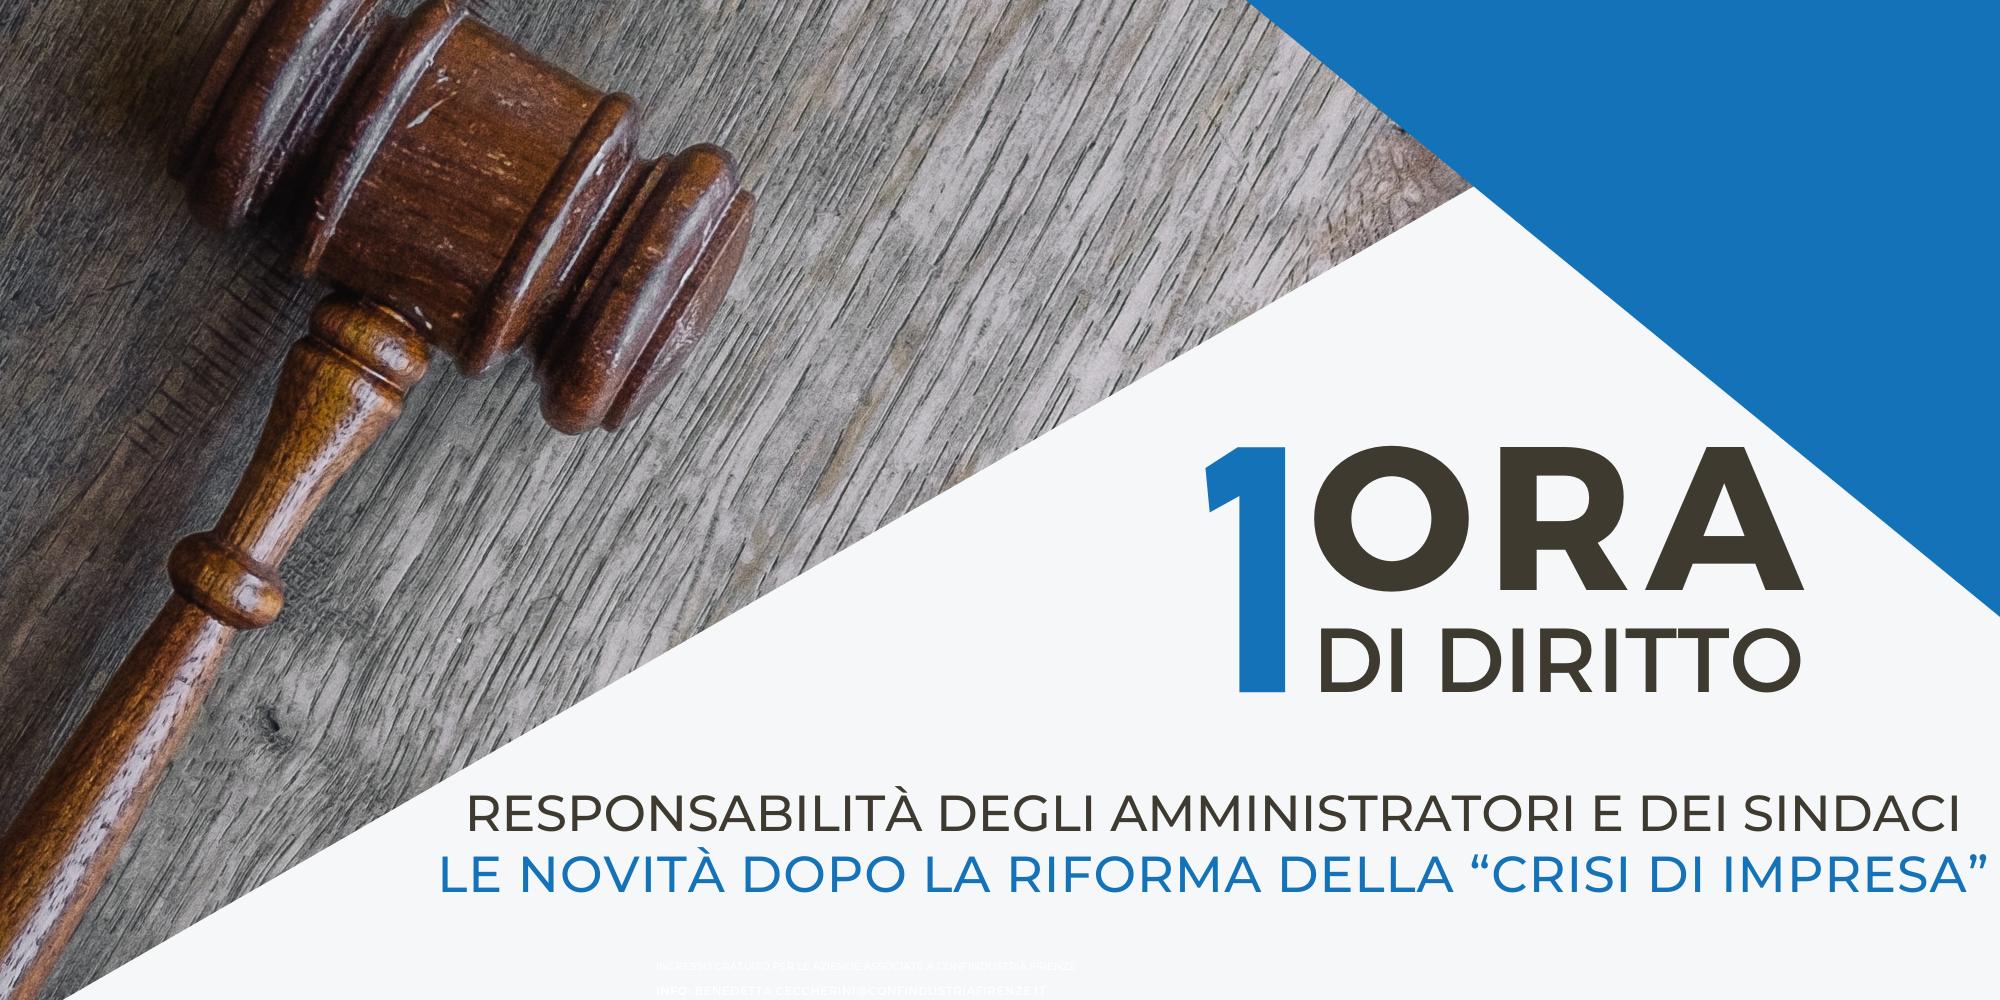 1ora di diritto - responsabilità degli amministratori e dei sindaci